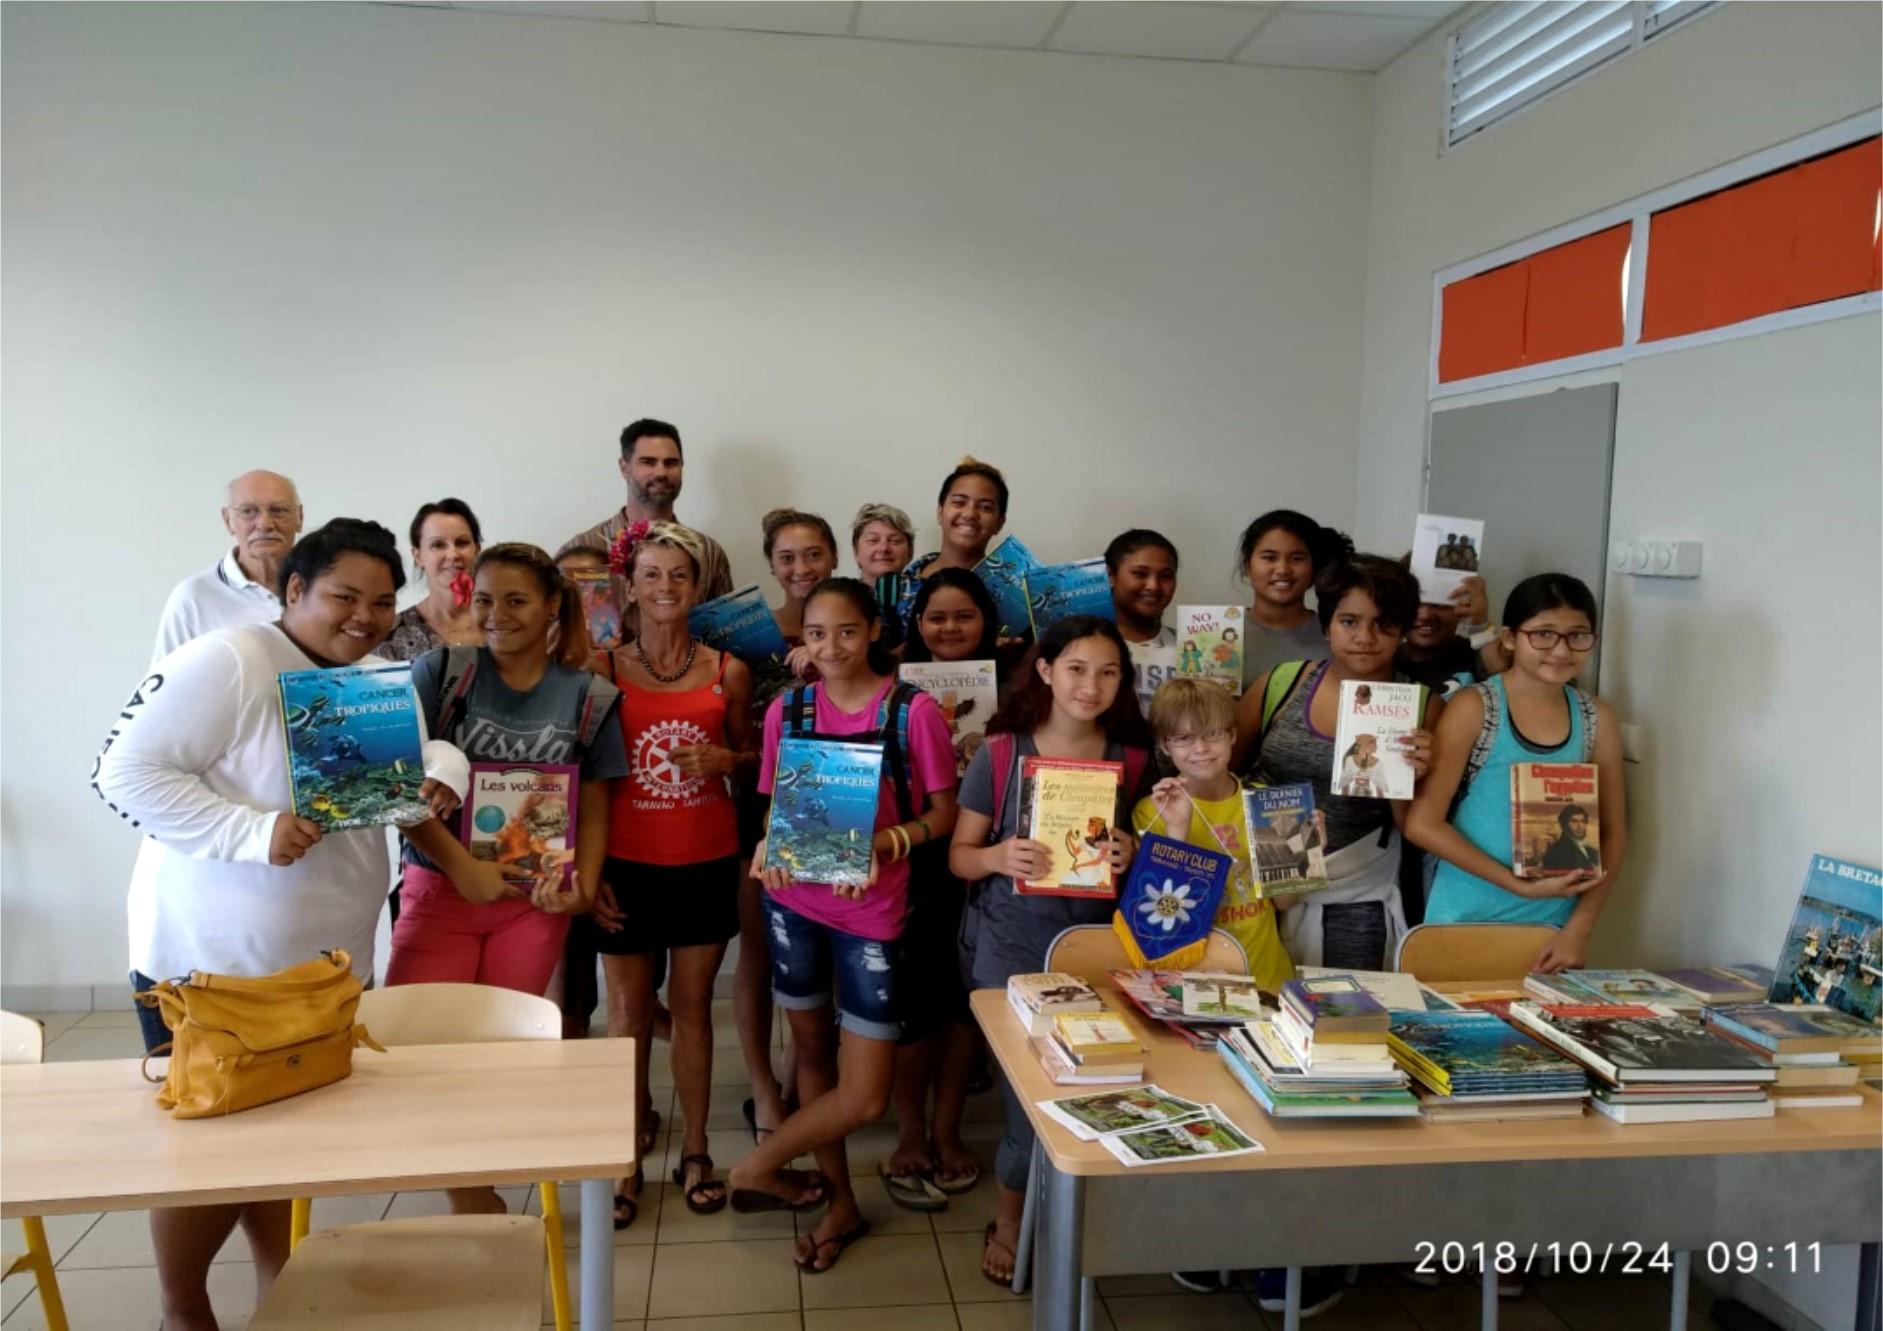 Mercredi dernier, c'est le collège de Teva i Uta qui s'est vu remettre plusieurs ouvrages qui sont venus garnir les étagères du CDI.